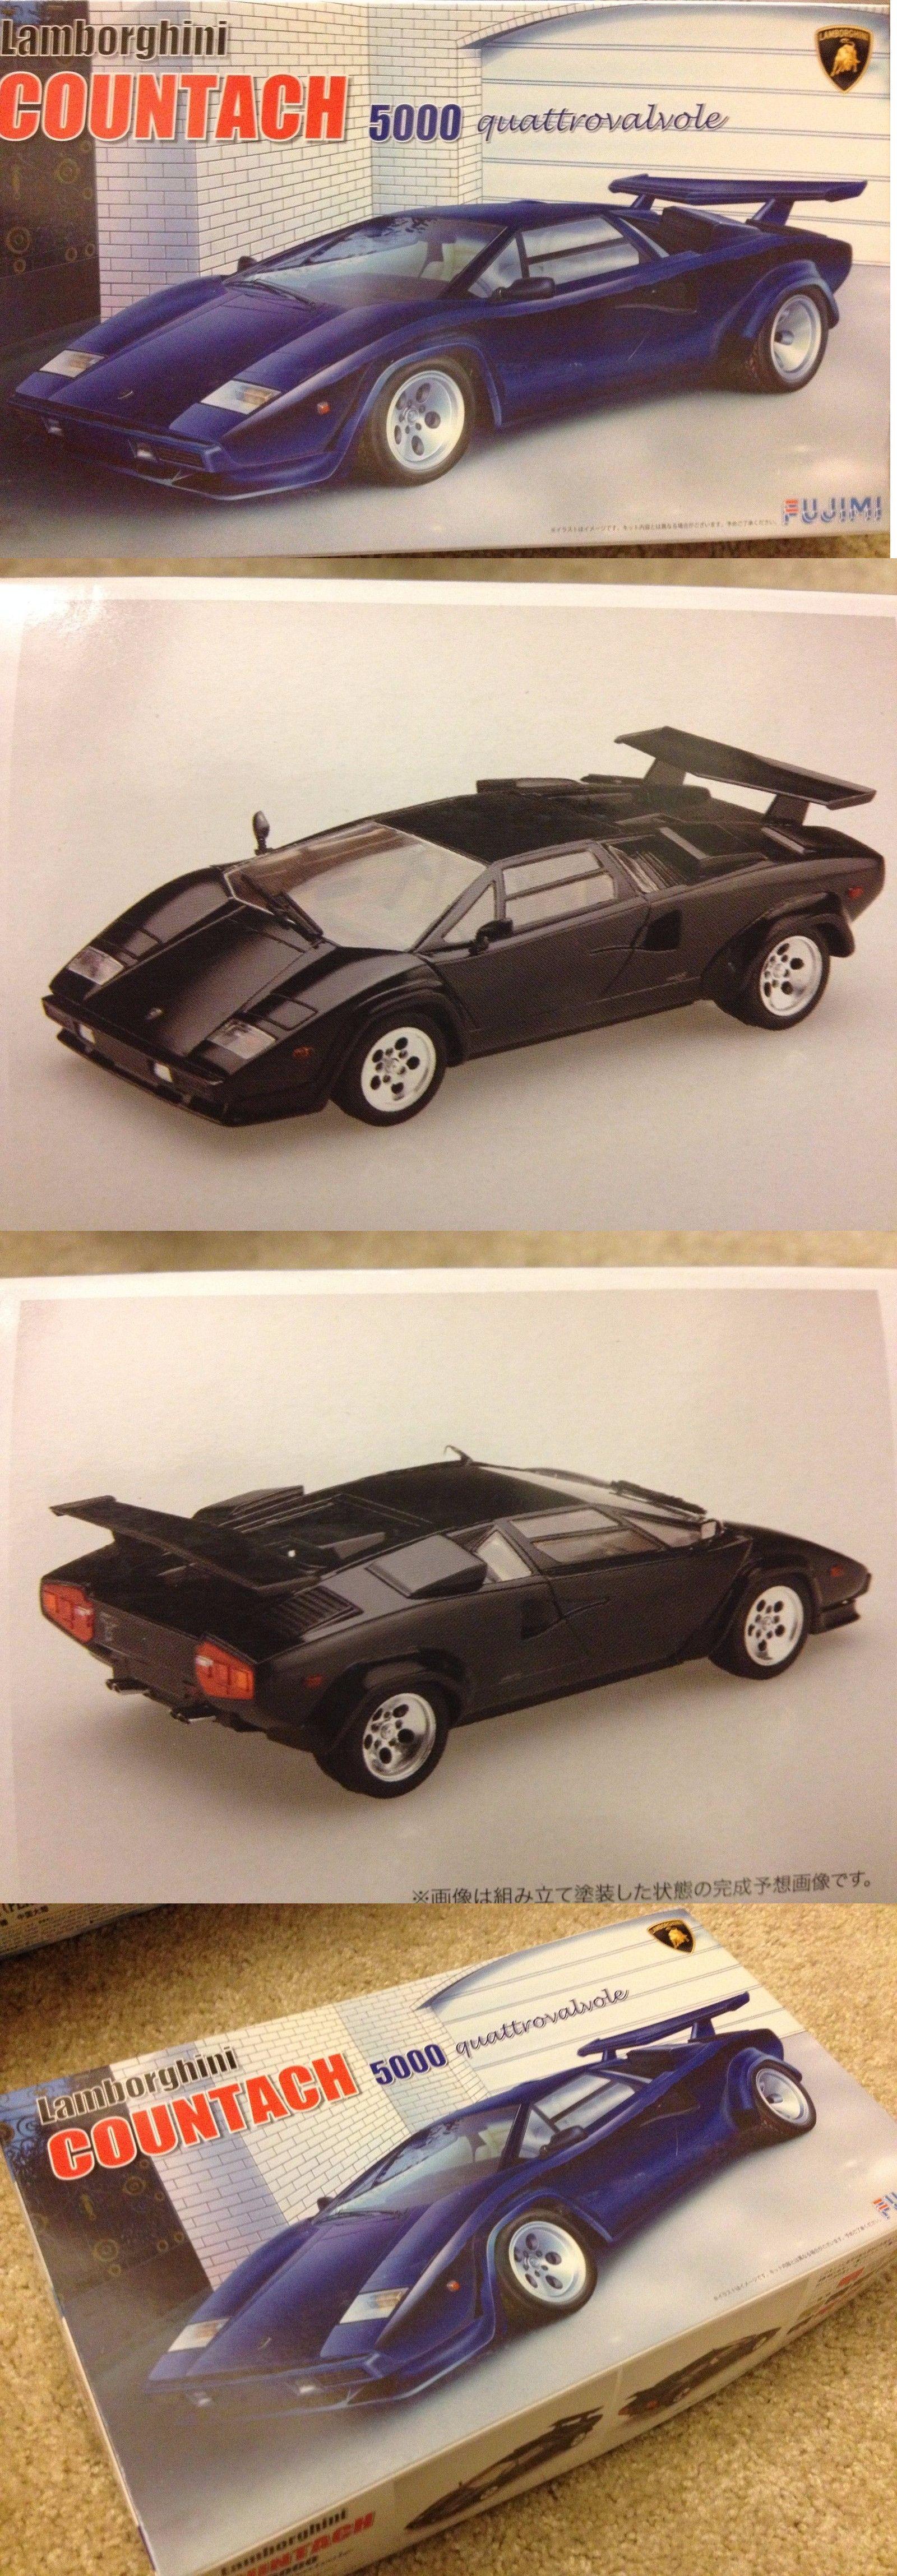 6682b53e2b6479e4e70b45ace274e28b Extraordinary Lamborghini Countach 5000 Quattrovalvole Specs Cars Trend